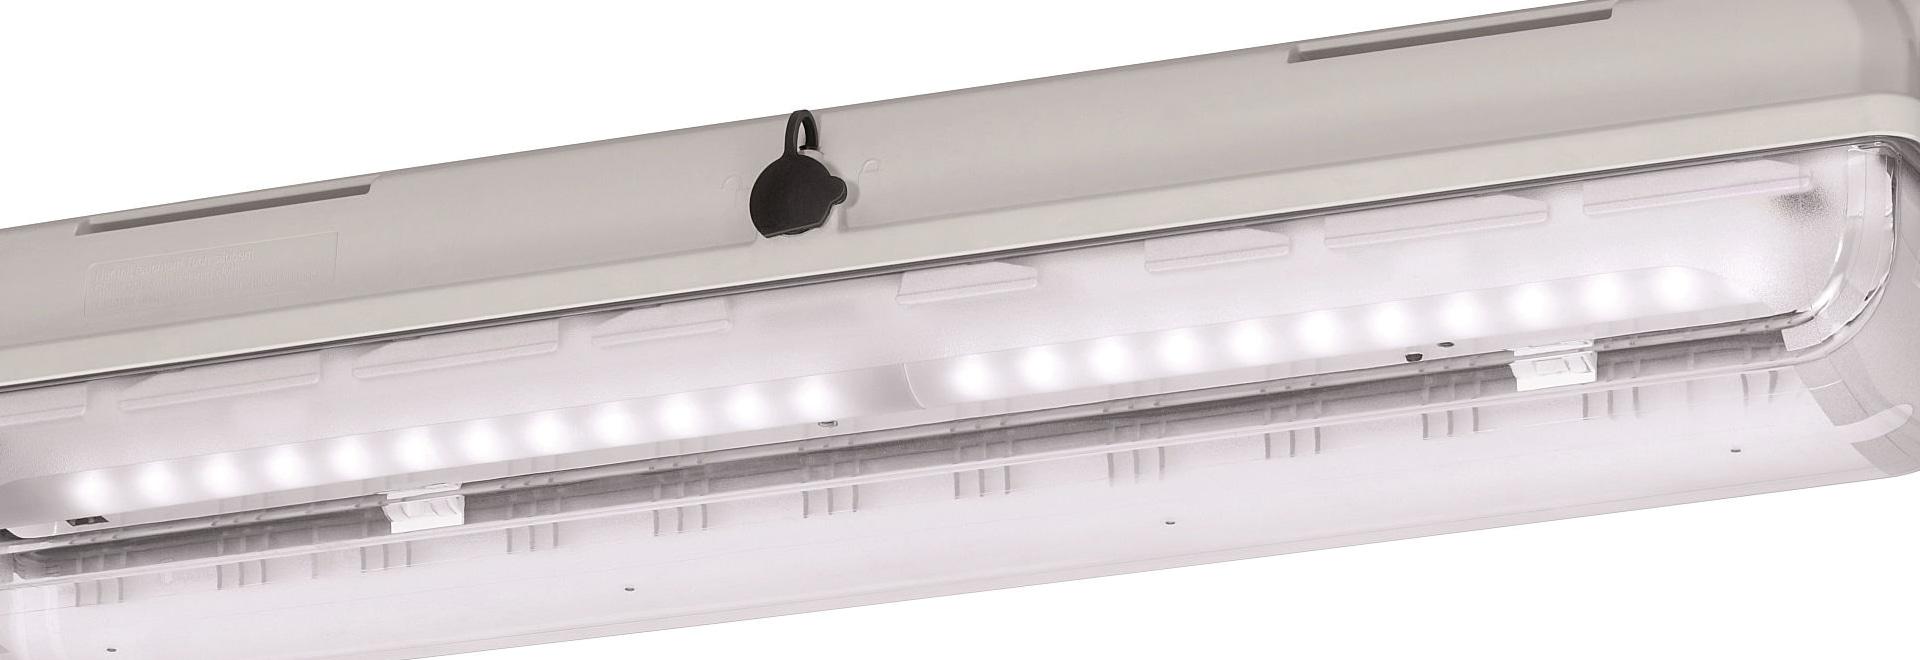 Rendement léger optimum, logement montré pour des zones ex : La LED légère et durable s'allume pour l'éclairage général